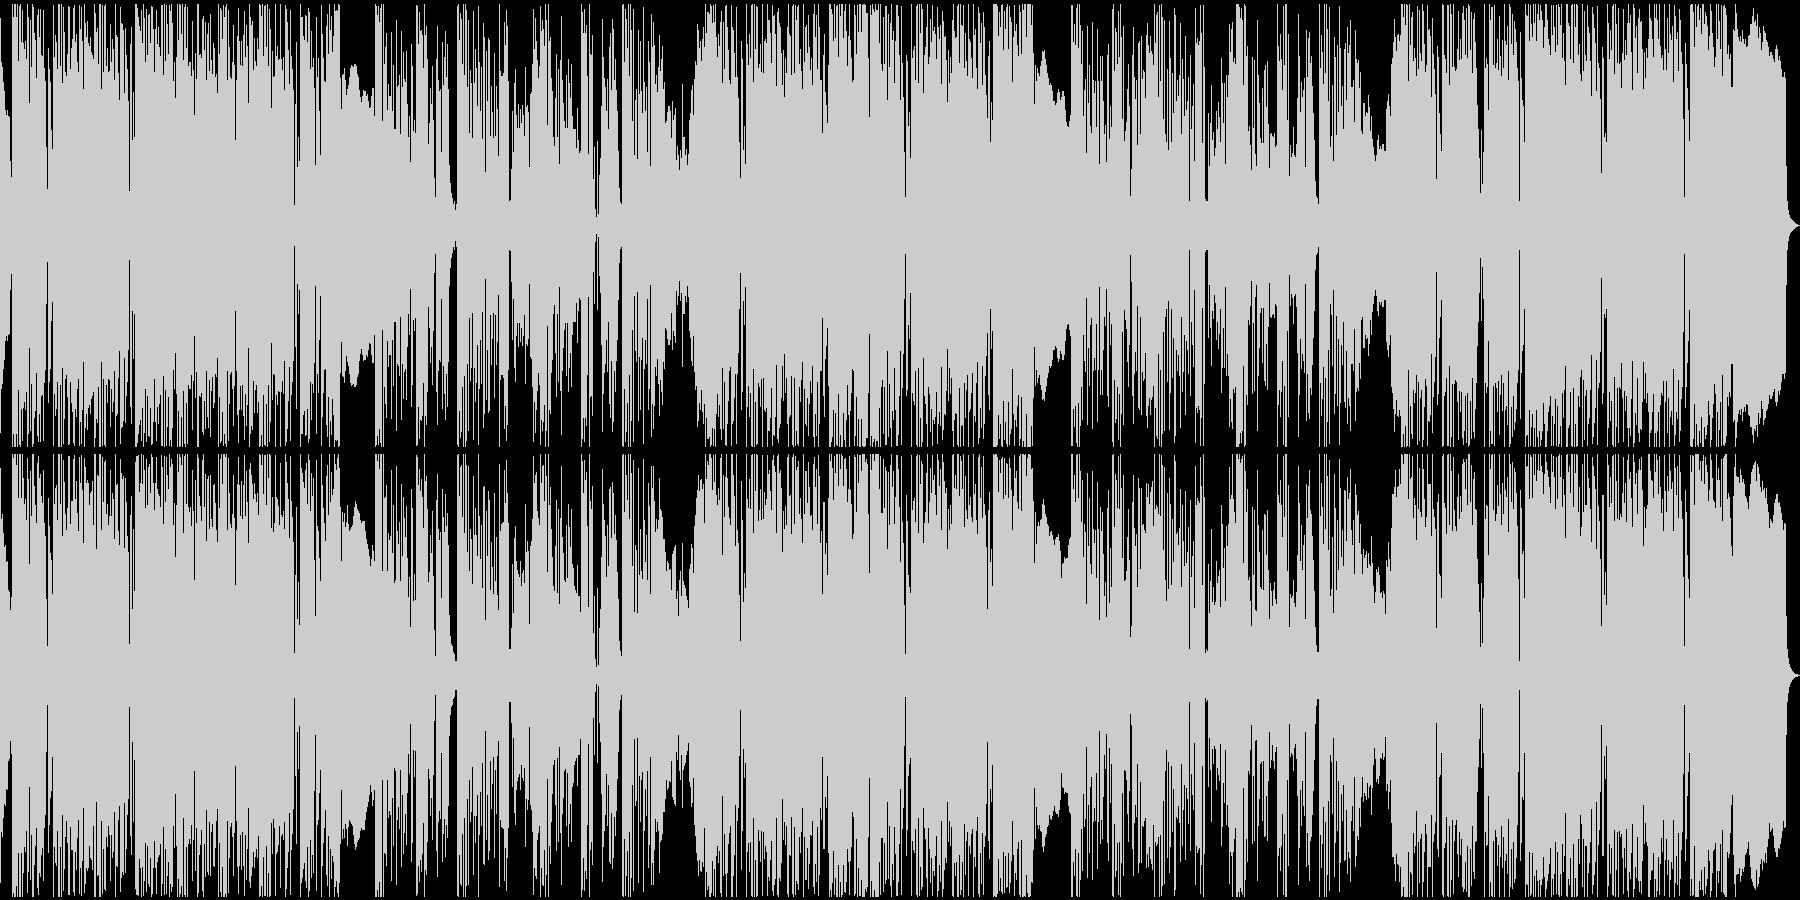 コミカルなリズムのレゲェの未再生の波形